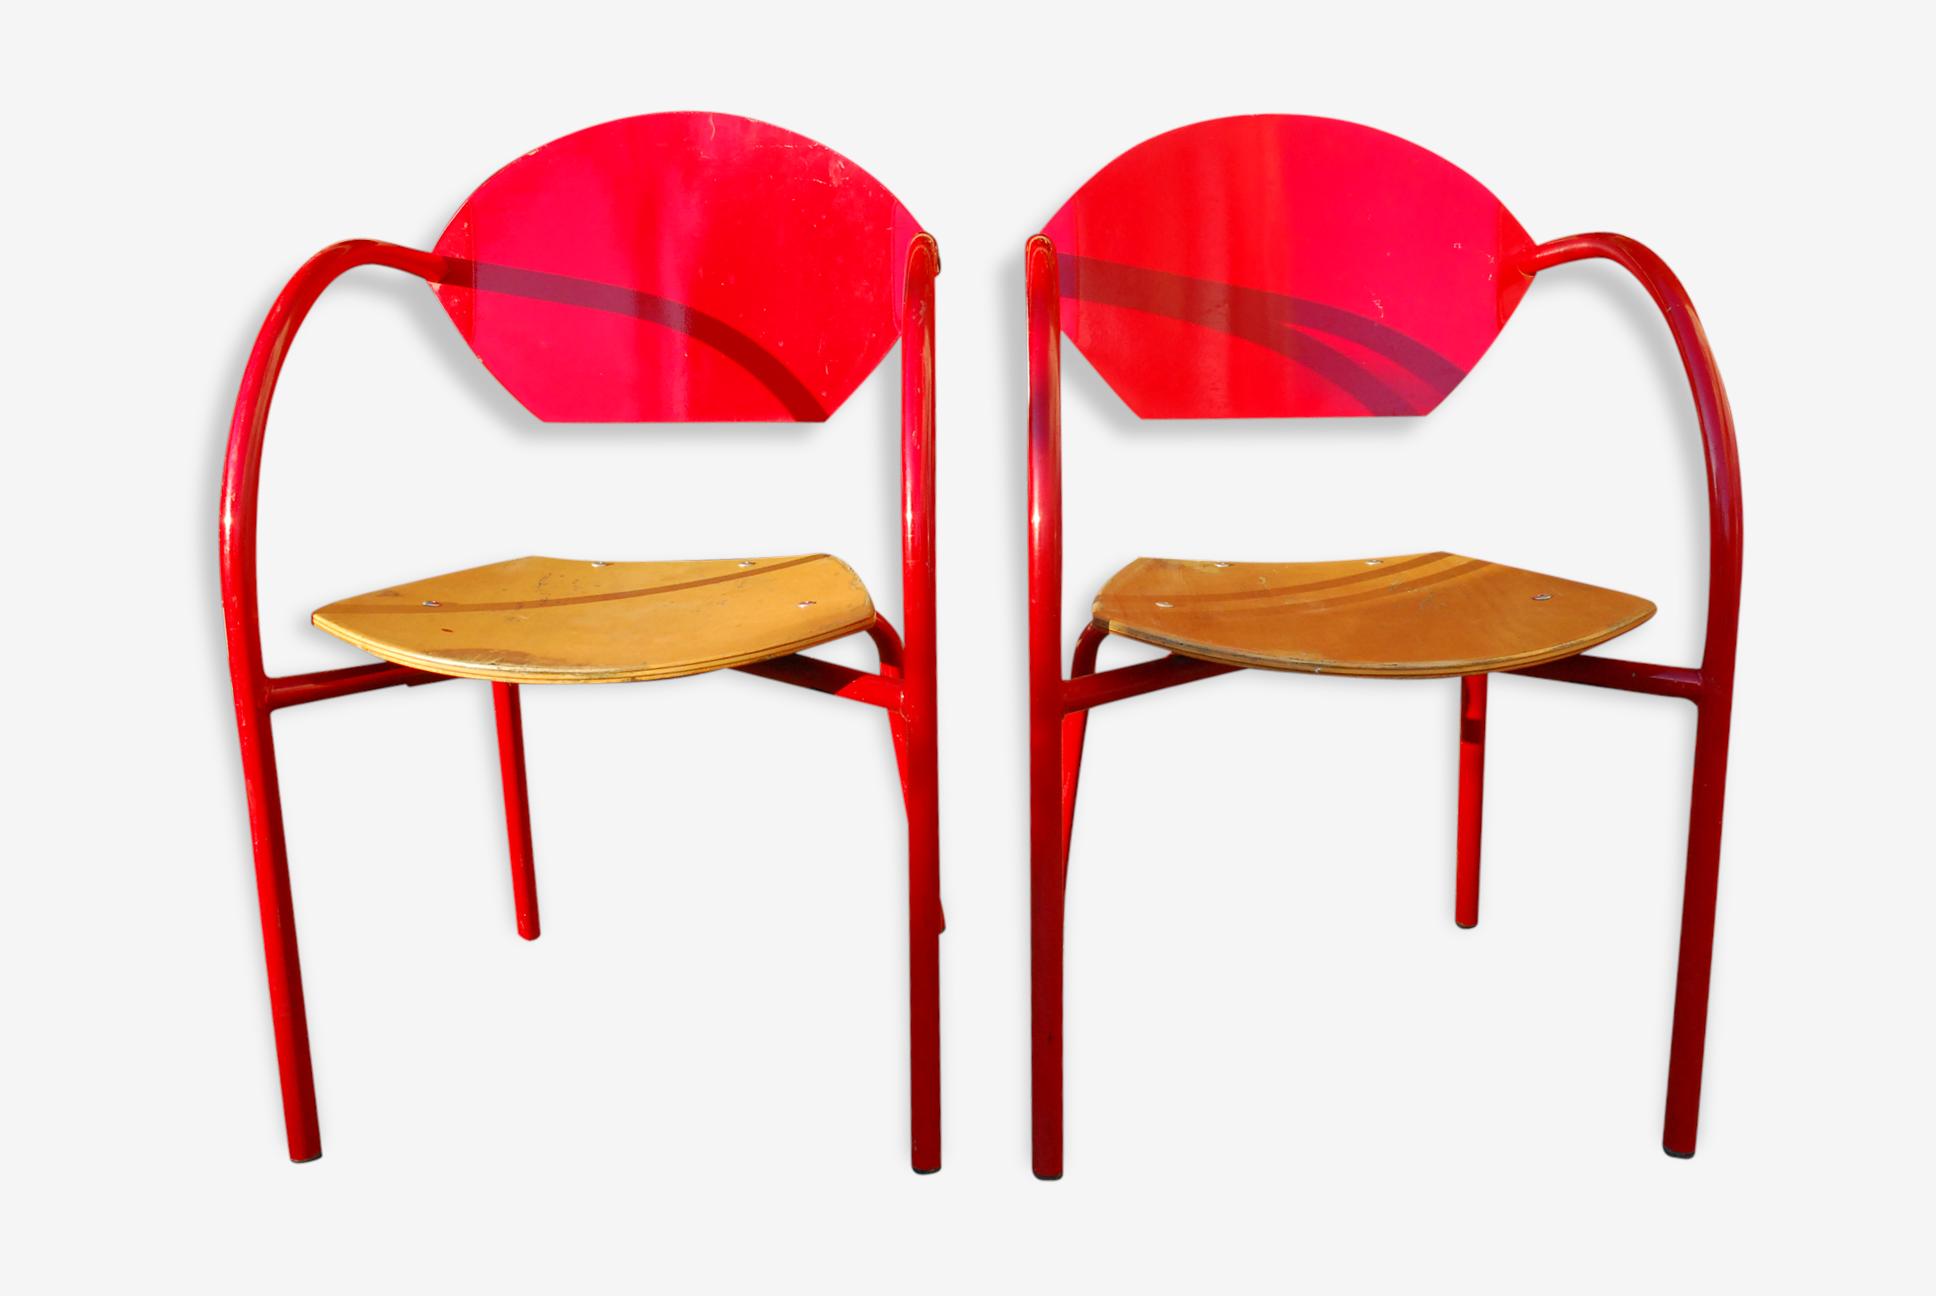 Paire de chaises de bistrot adico modèle capa